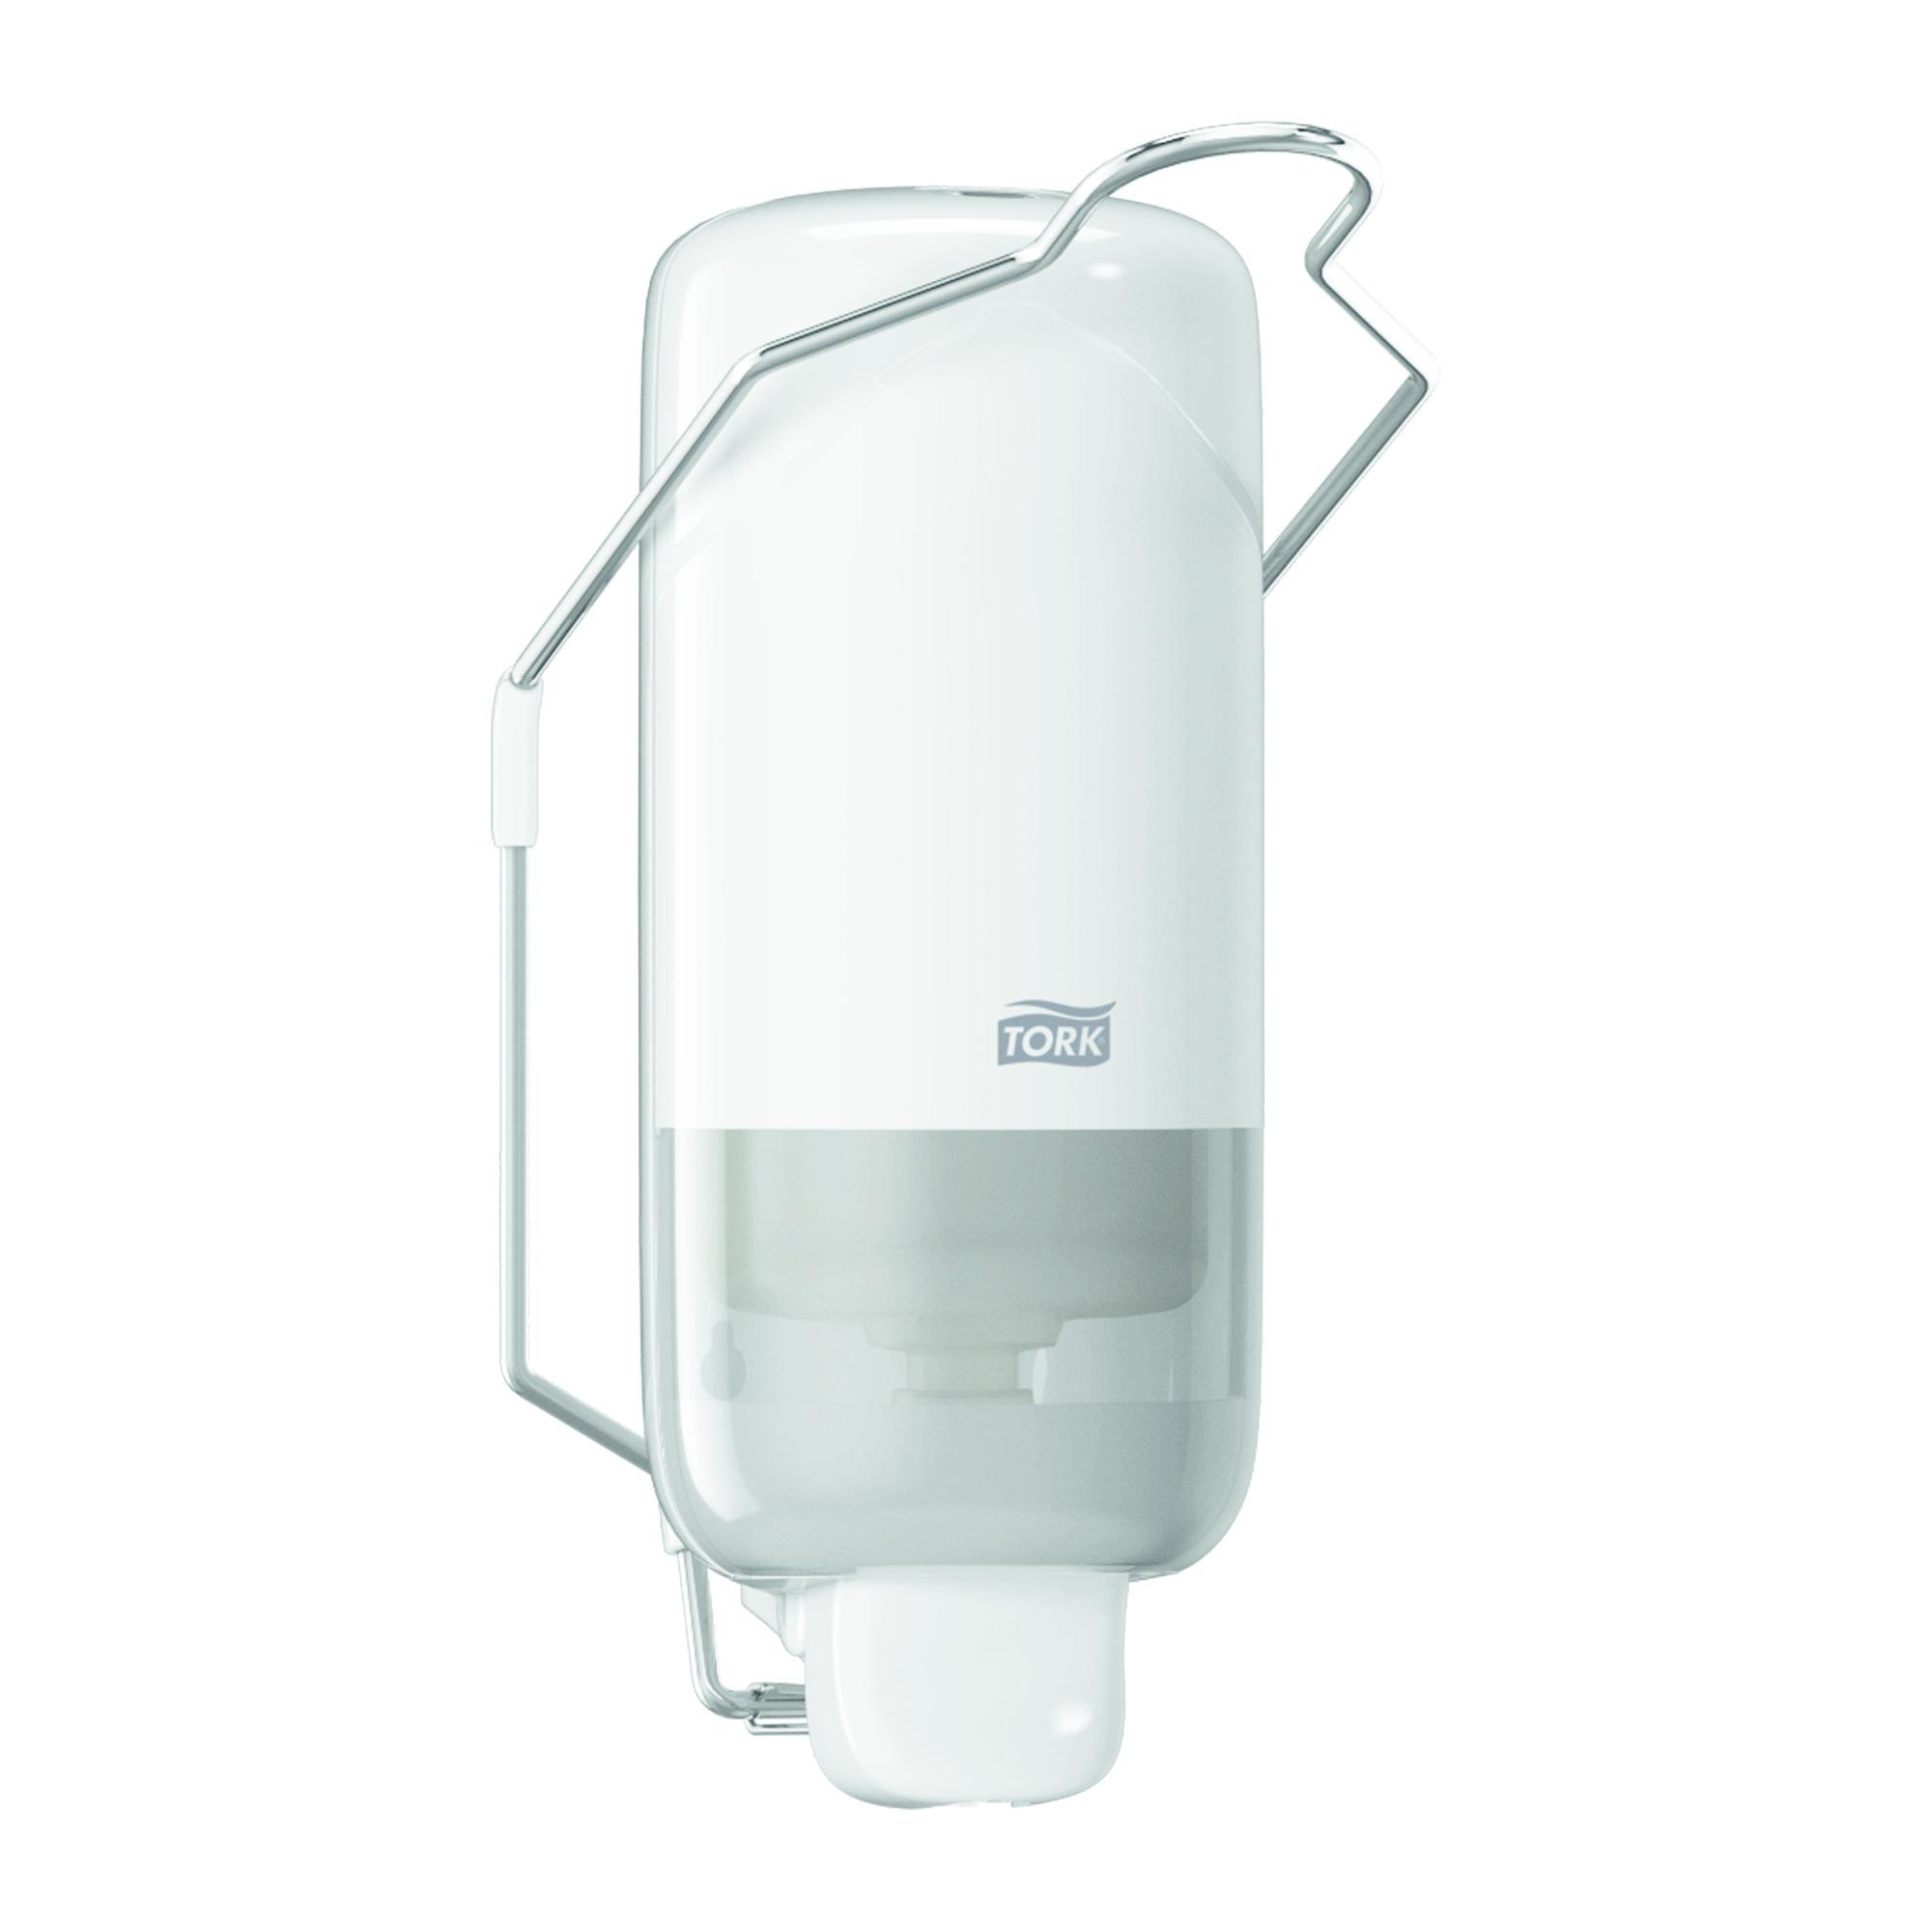 Диспенсер пластиковый для жидкого мыла Tork Elevation S1, картриджный, локтев. привод, белый, 560100